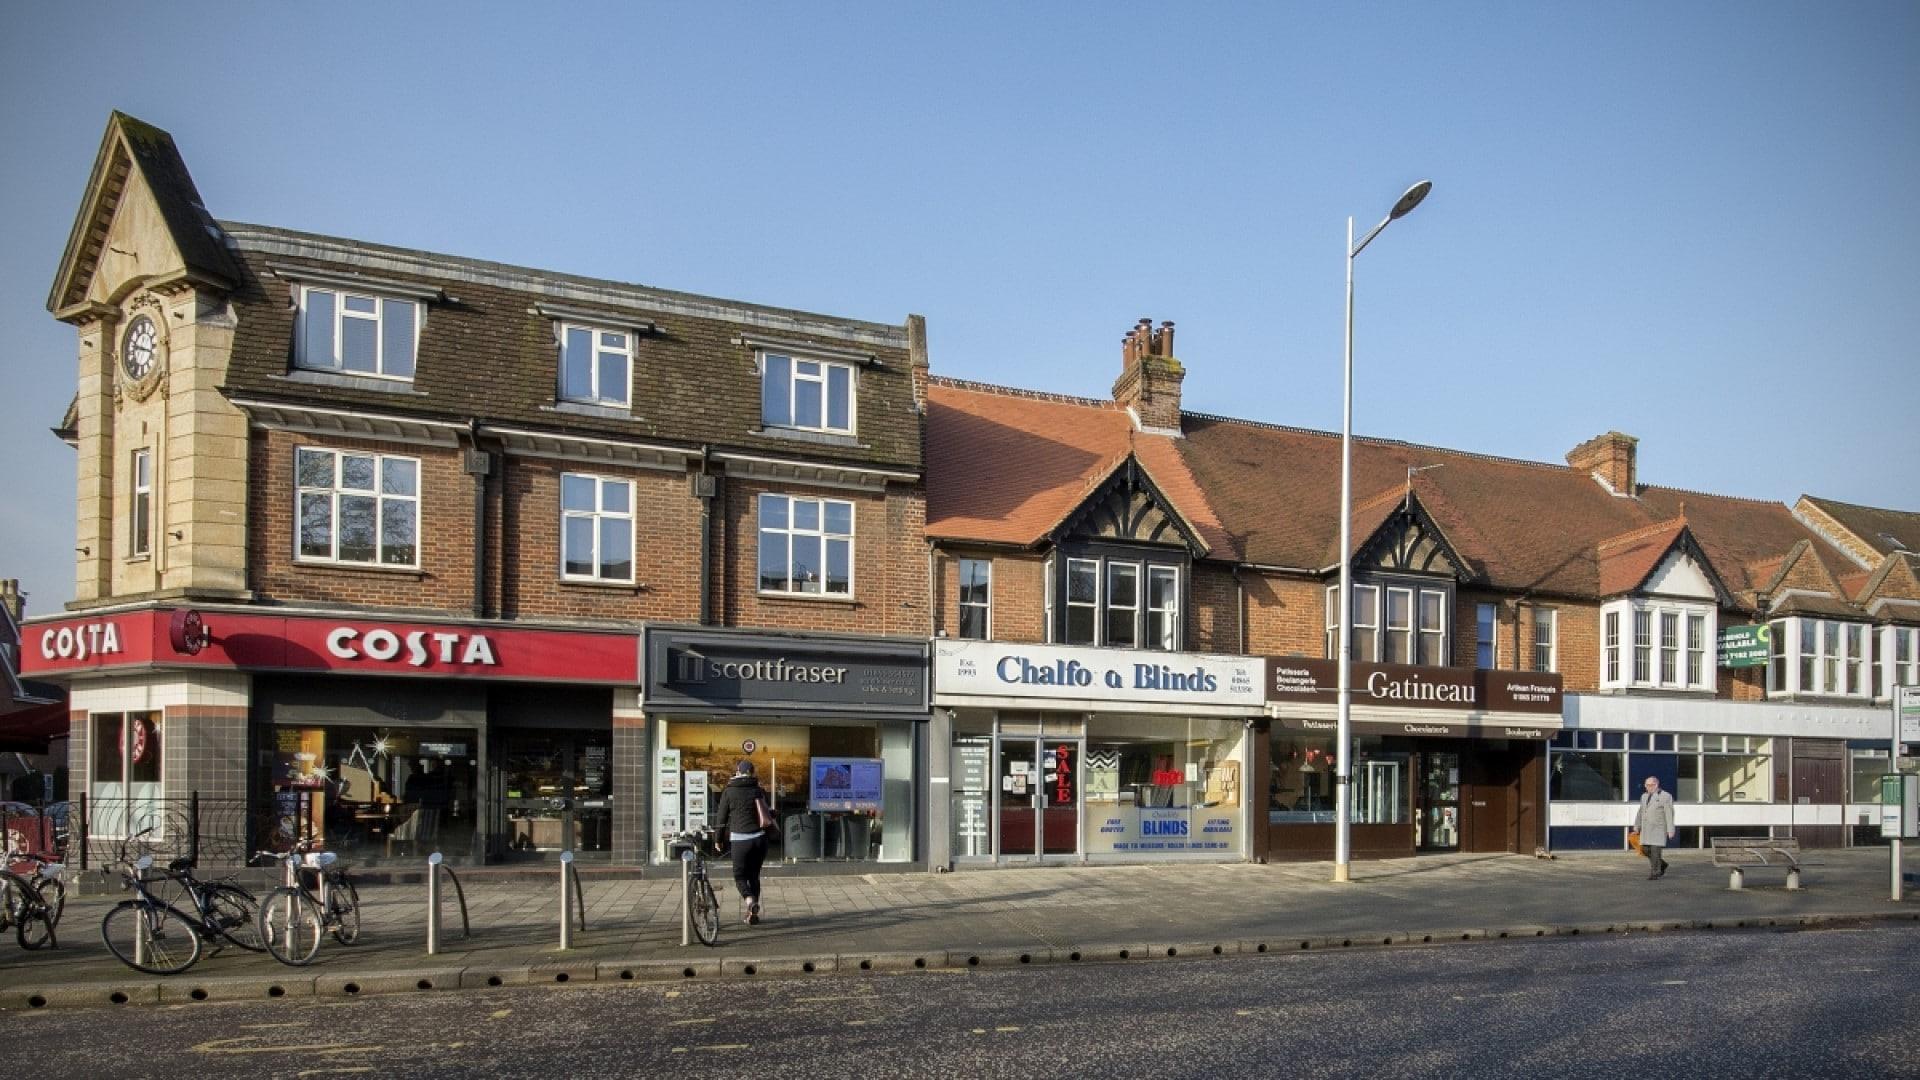 Summertown, North Oxford